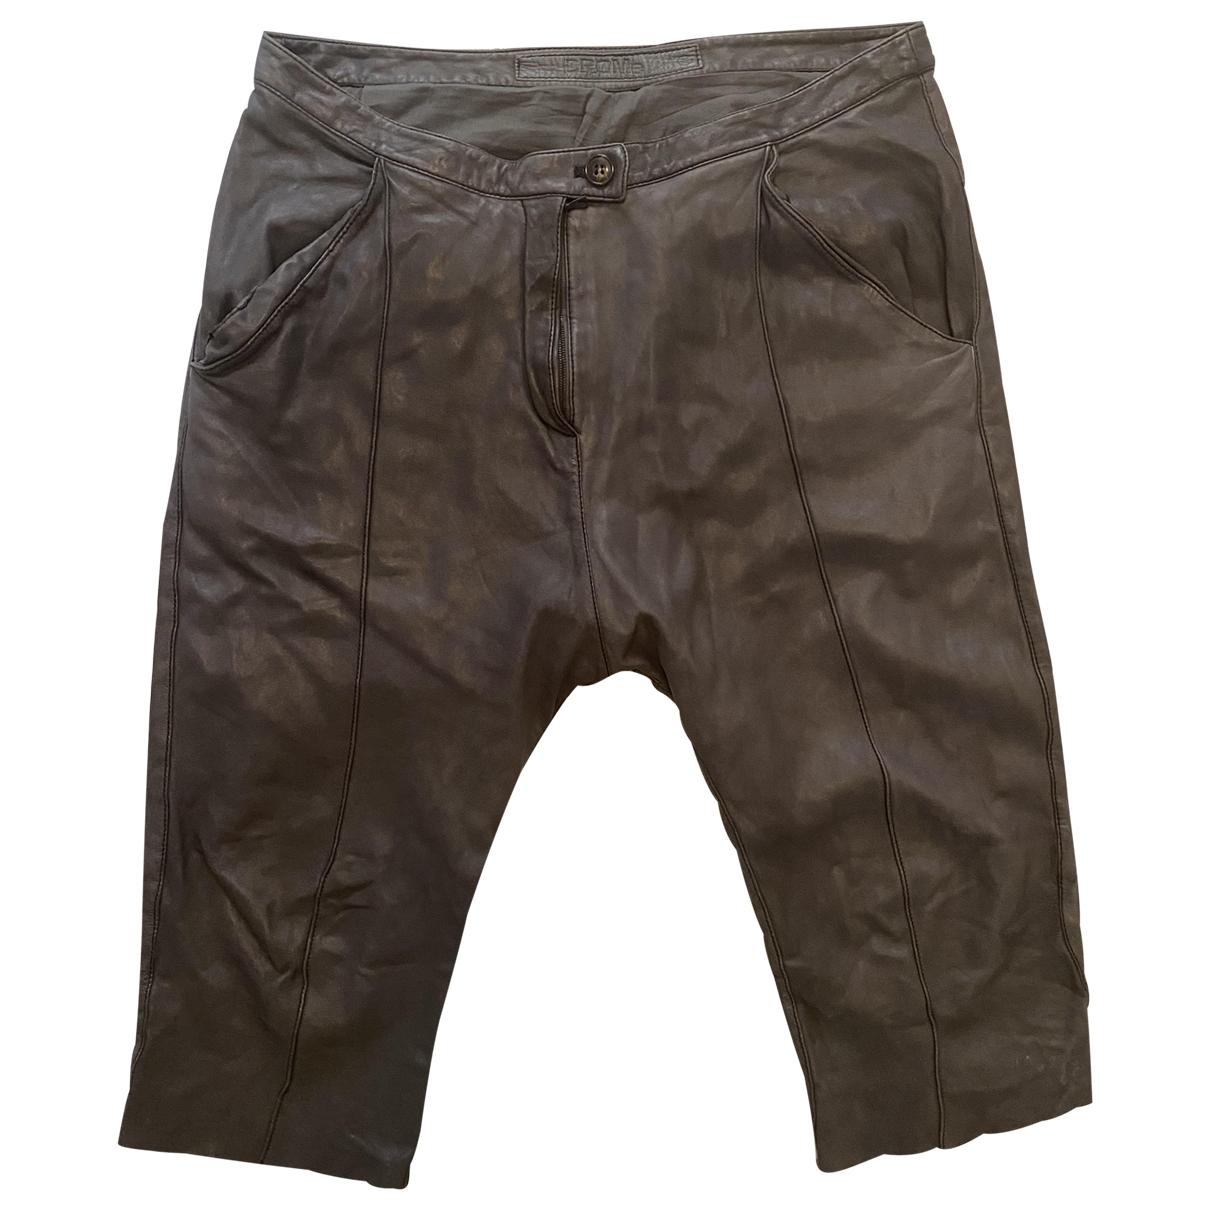 Pantalon de Cuero Drome